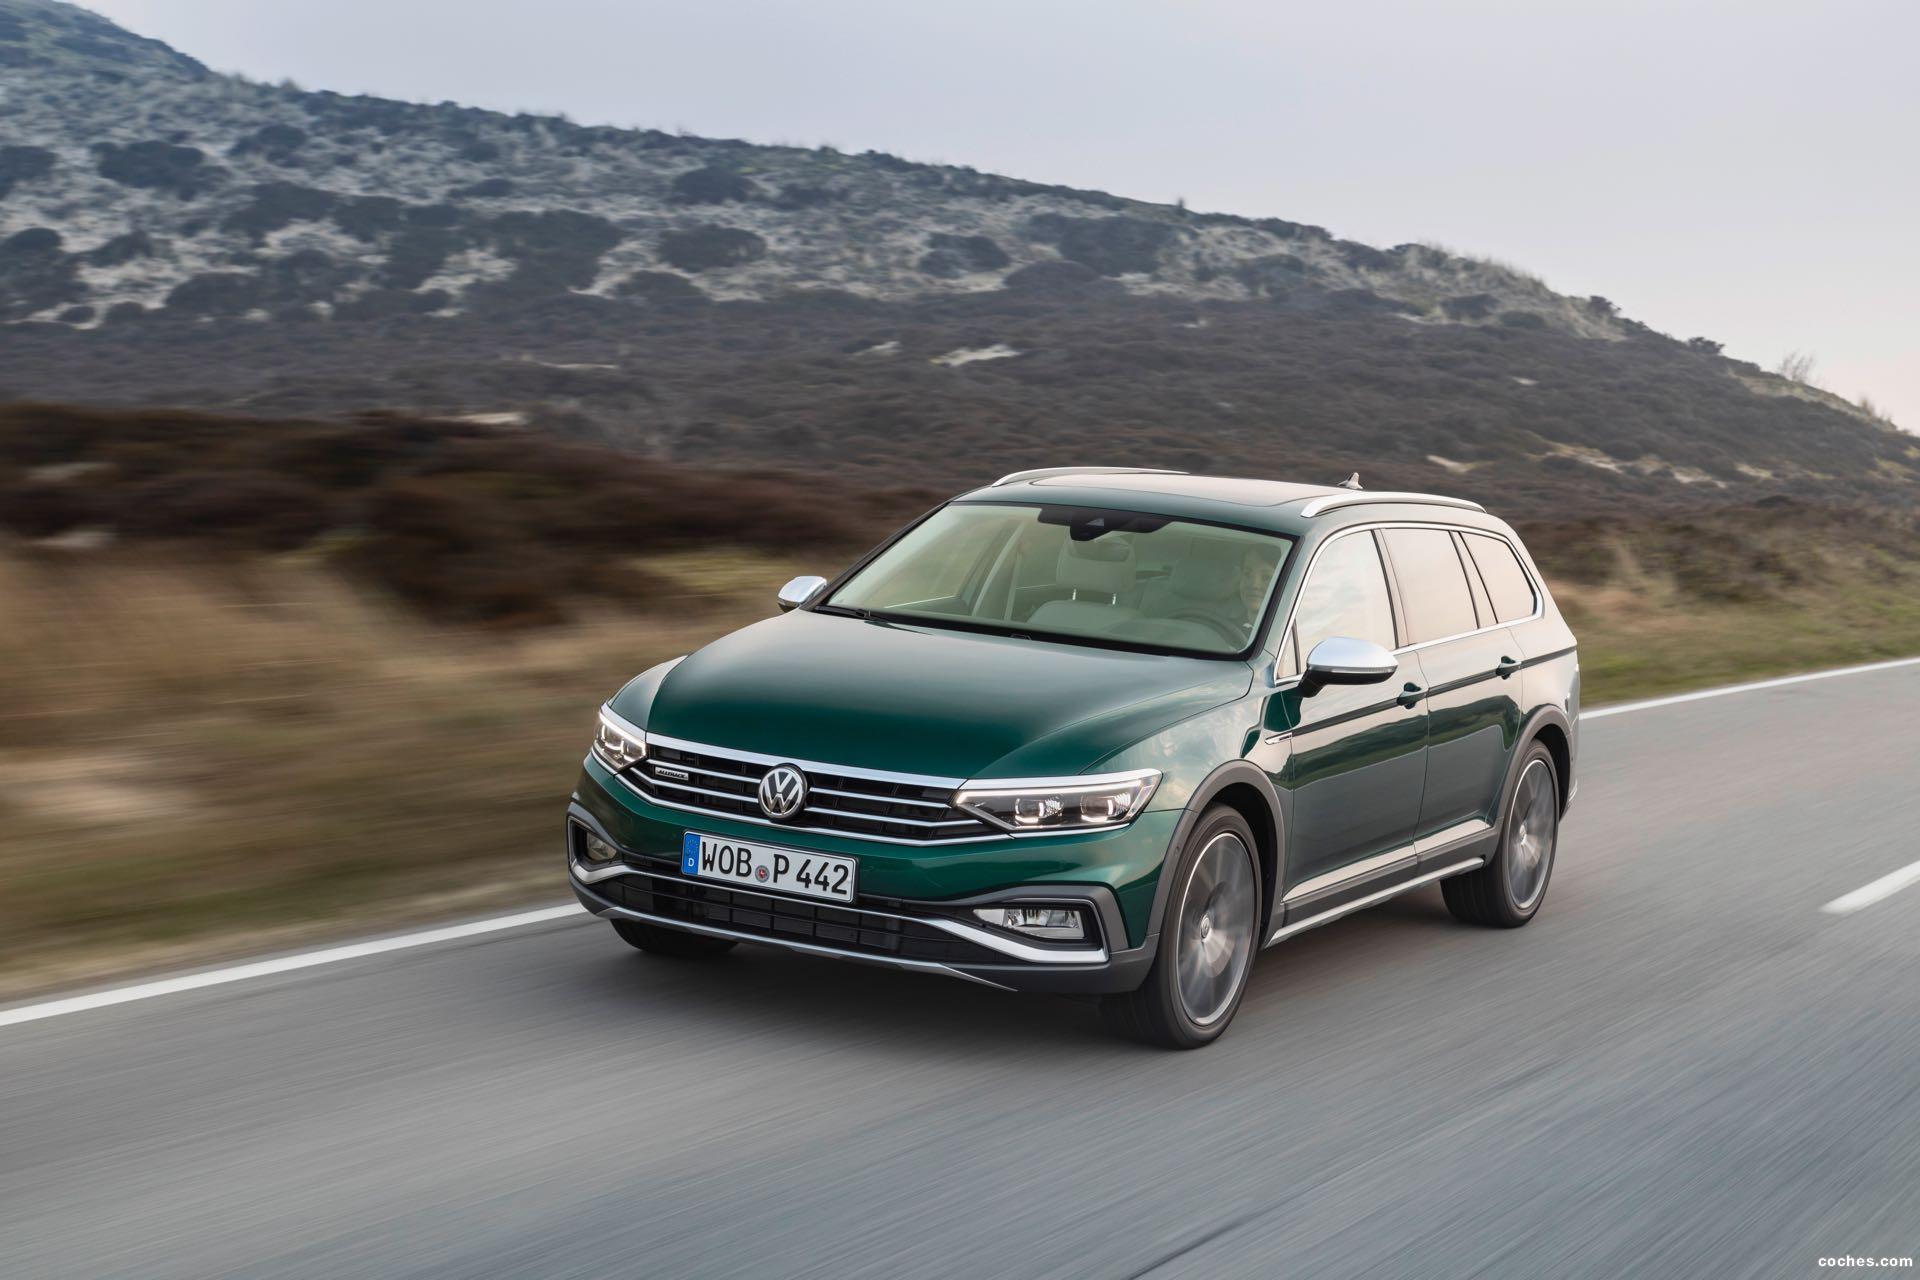 Foto 7 de Volkswagen Passat Alltrack 2019